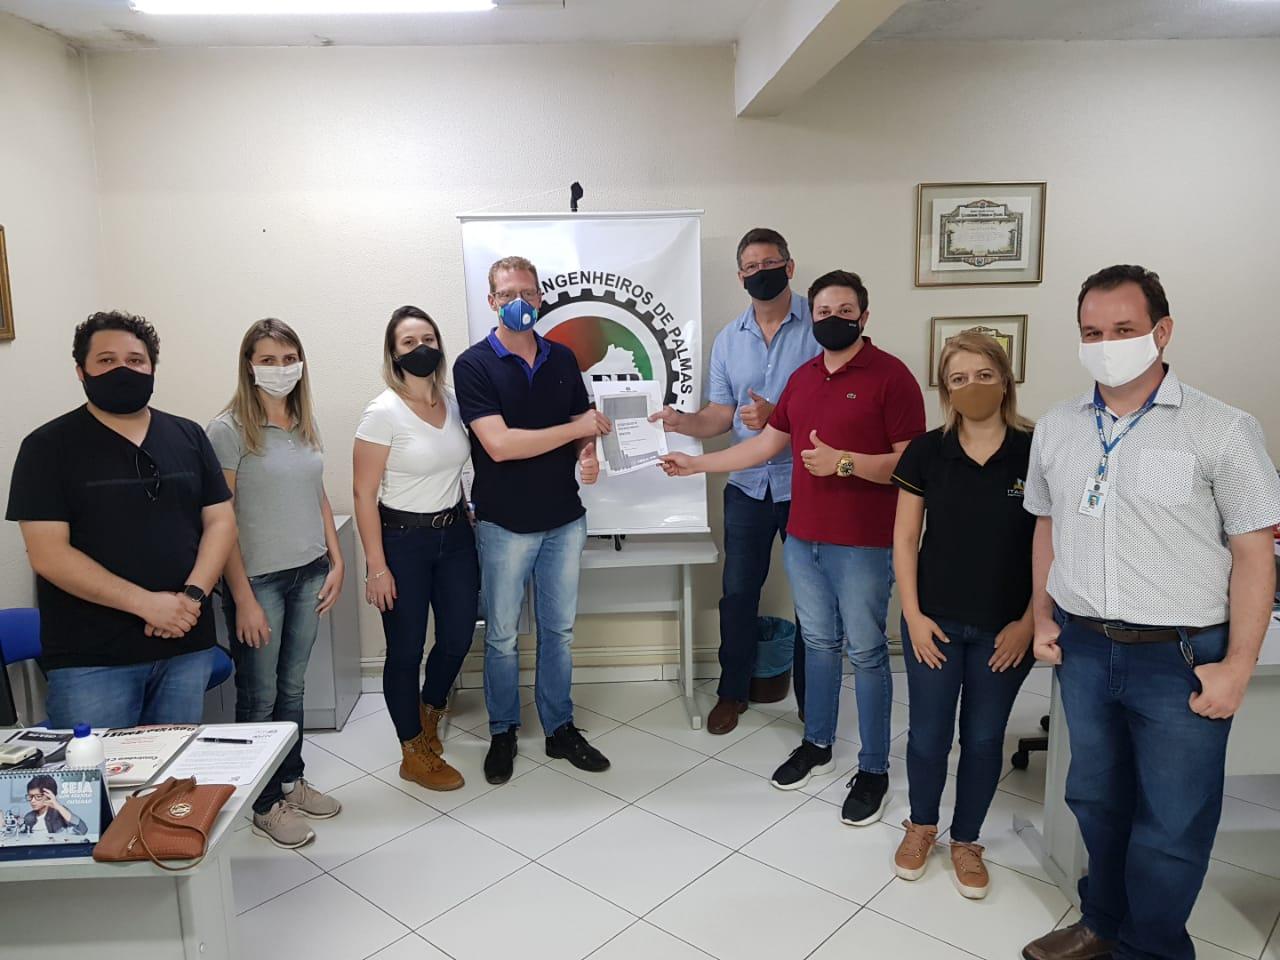 Pato Branco - Cinco dos seis candidatos à prefeitura de Palmas receberam os materiais da Agenda Parlamentar do Crea-PR